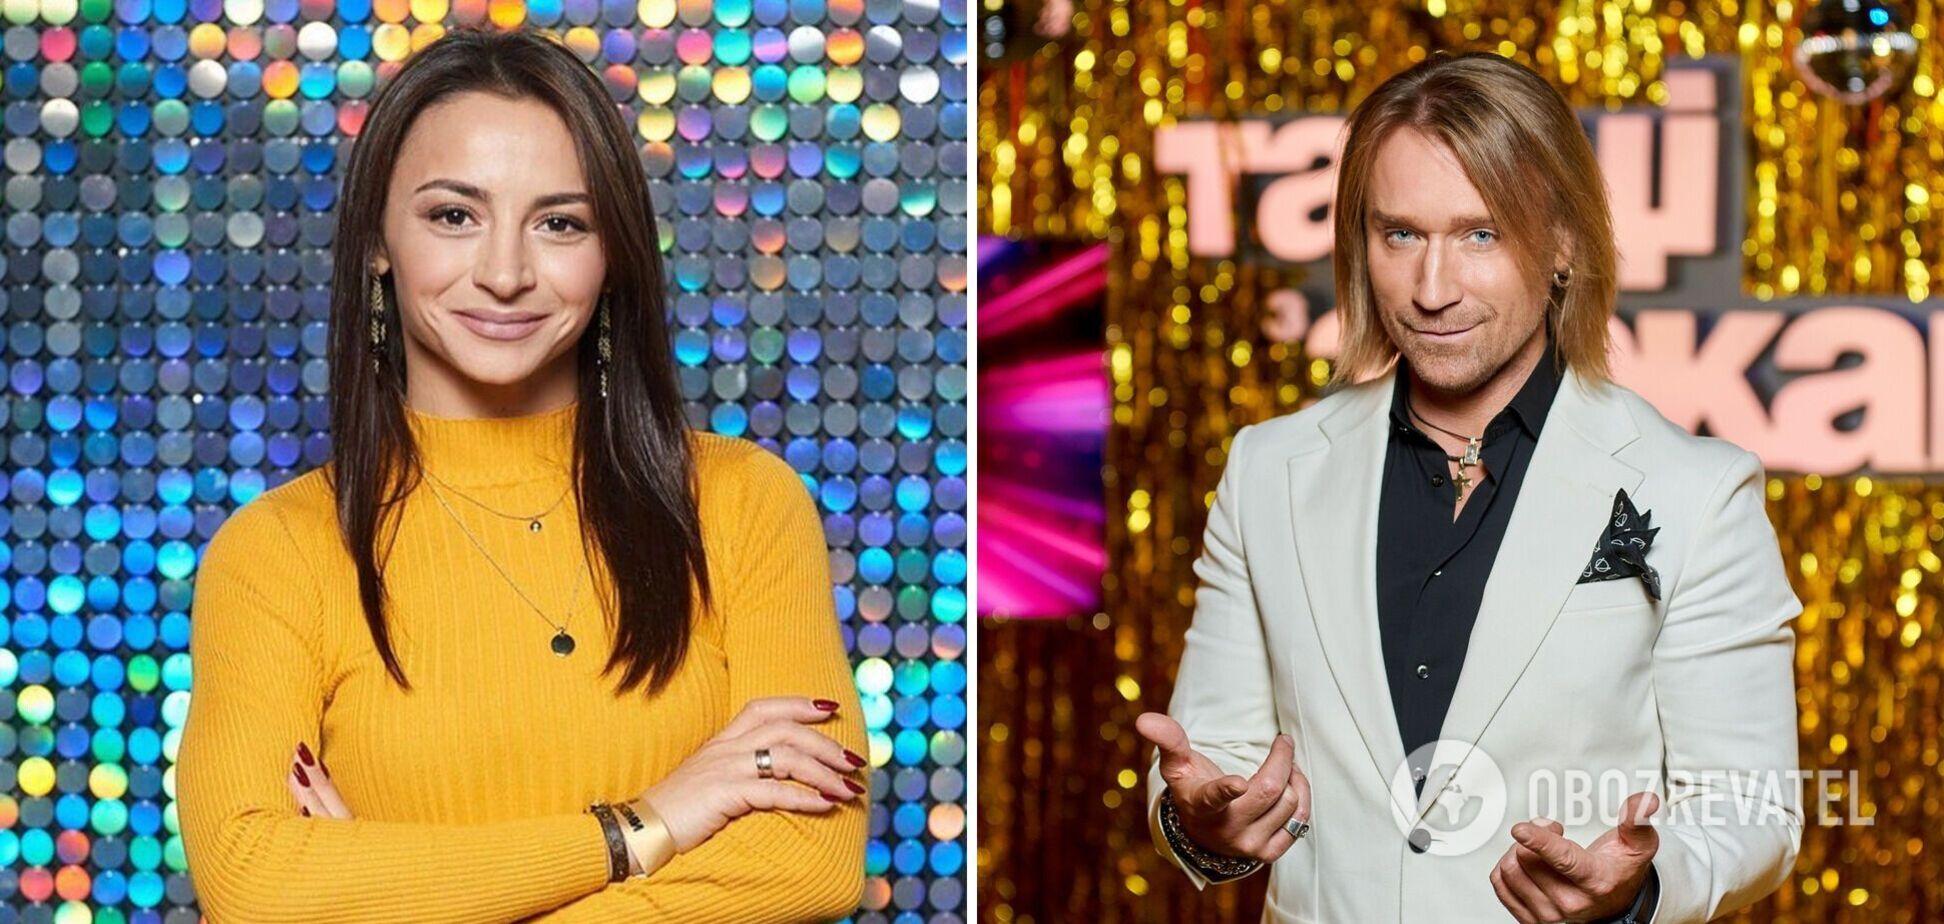 Гвоздева призналась, почему не захотела танцевать с Винником на шоу 'Танці з зірками'